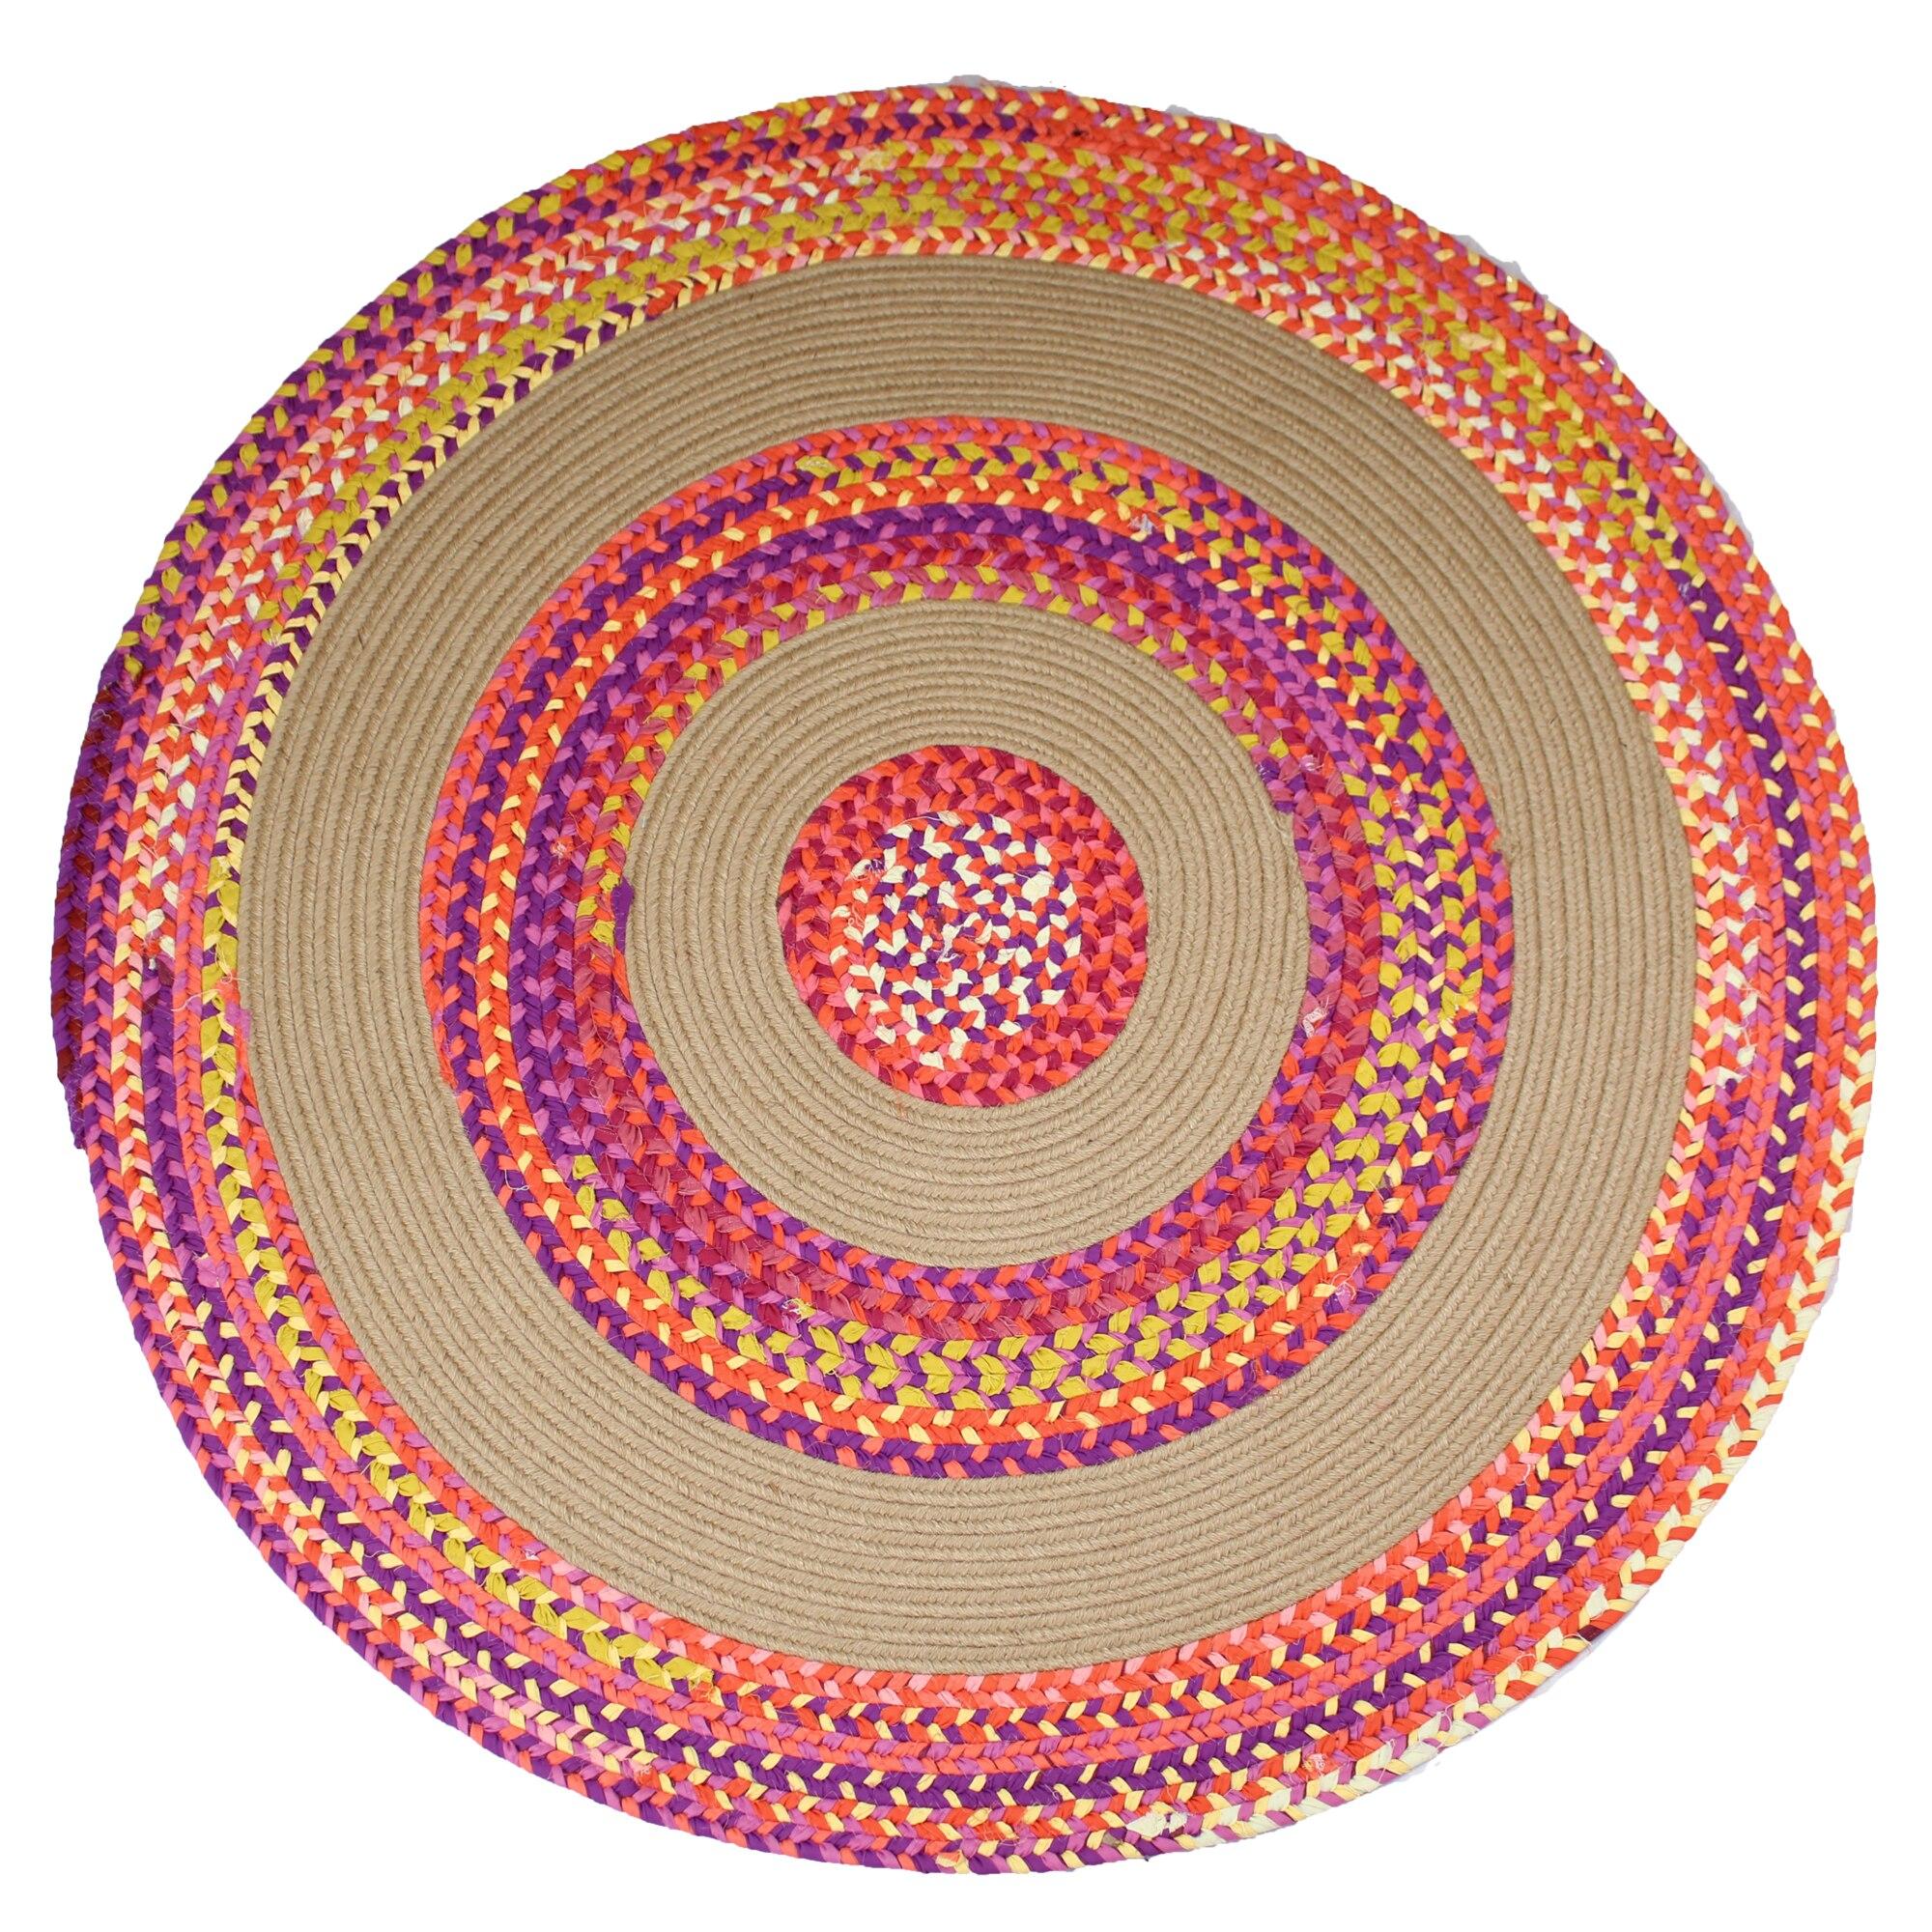 Jute & coton Multi Chindi tapis tressé tissé à la main tapis rond réversible fait à la main en coton tressé tapis rond pour salon